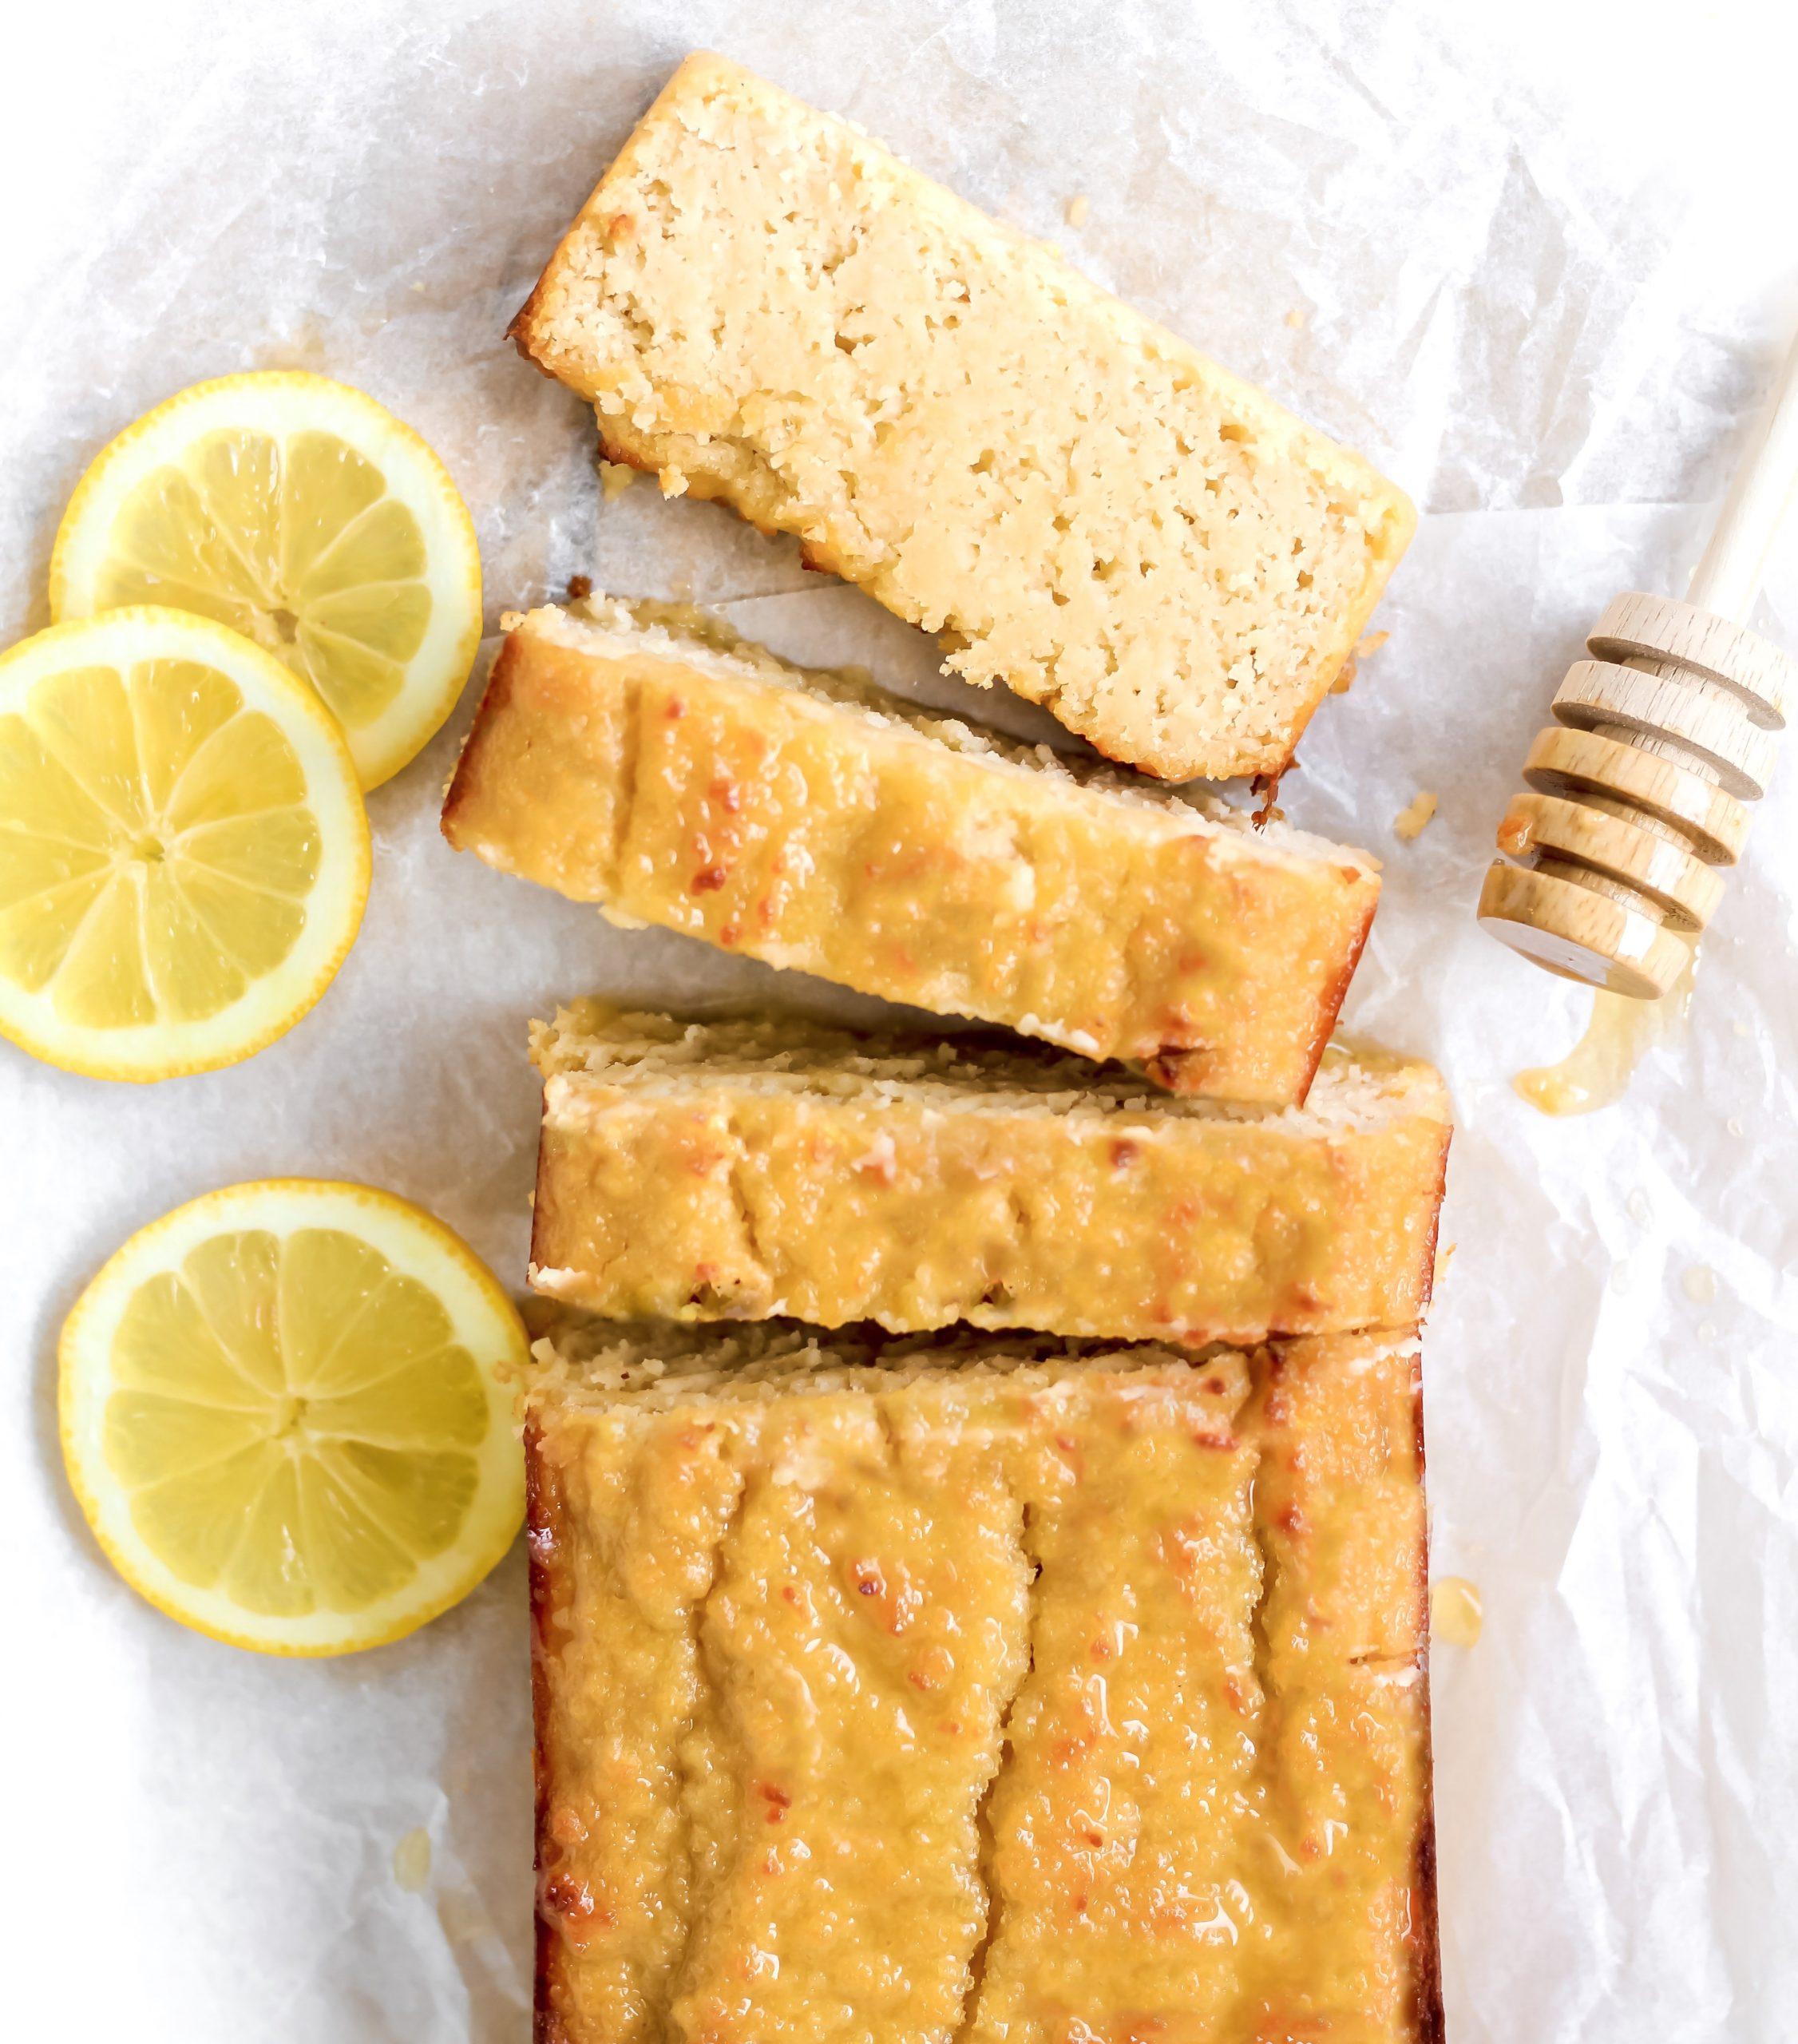 healthy lemon bread (paleo, gluten-free)